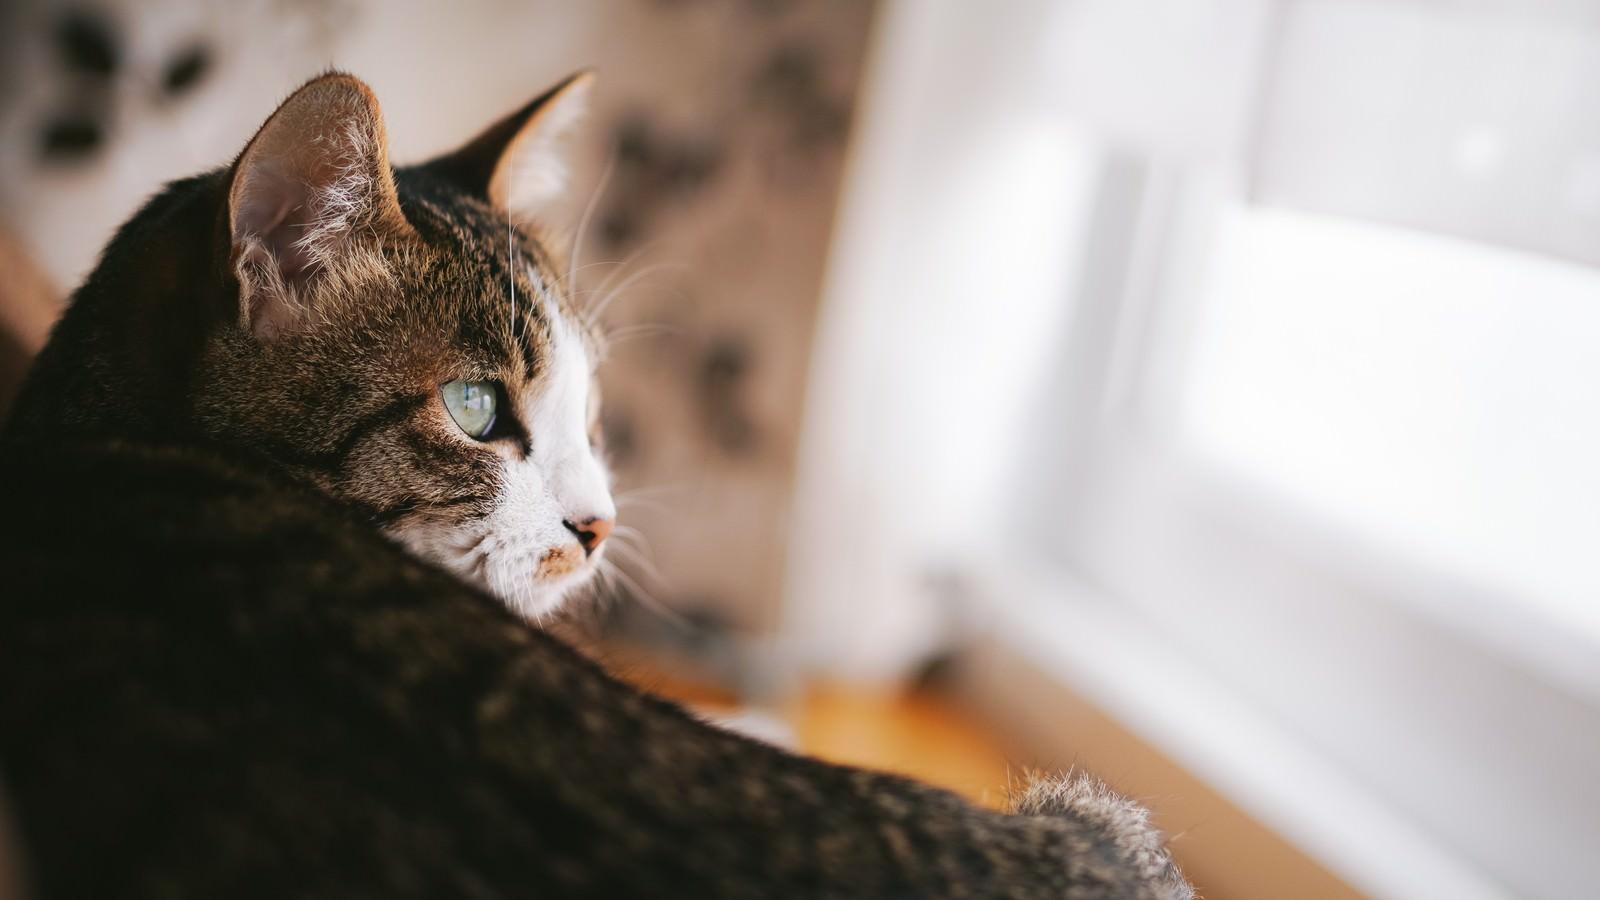 「自然光の入る部屋で生活している猫」の写真